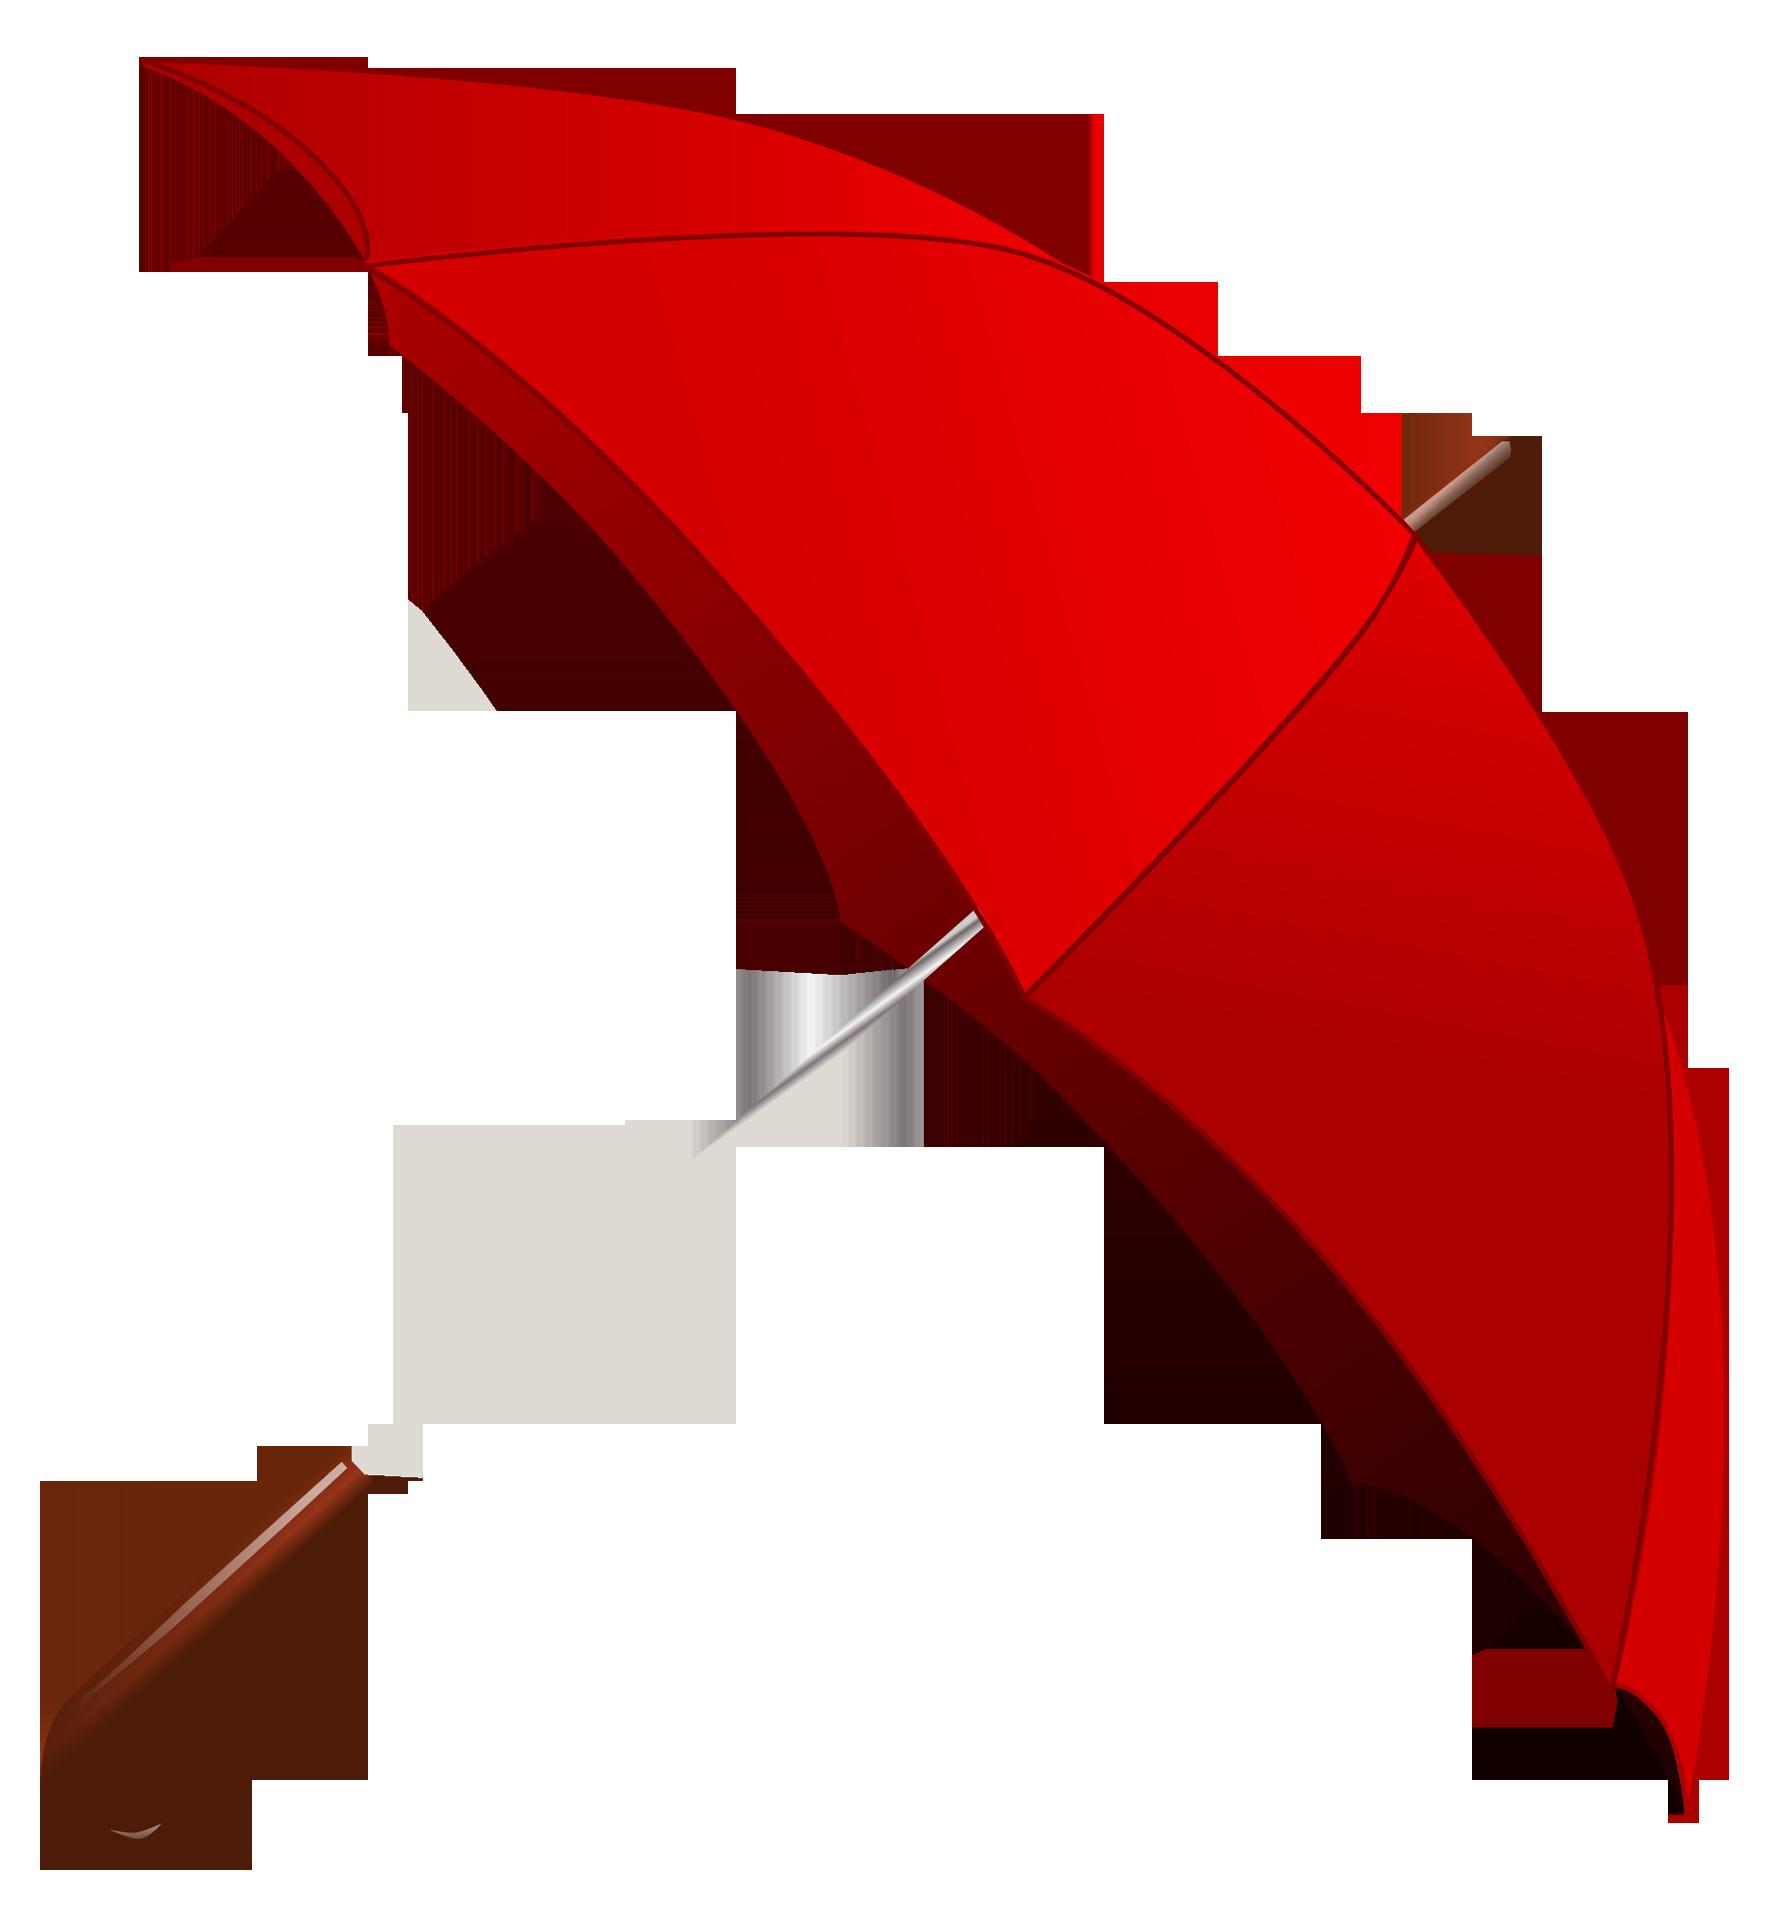 Umbrella HD PNG - 91403